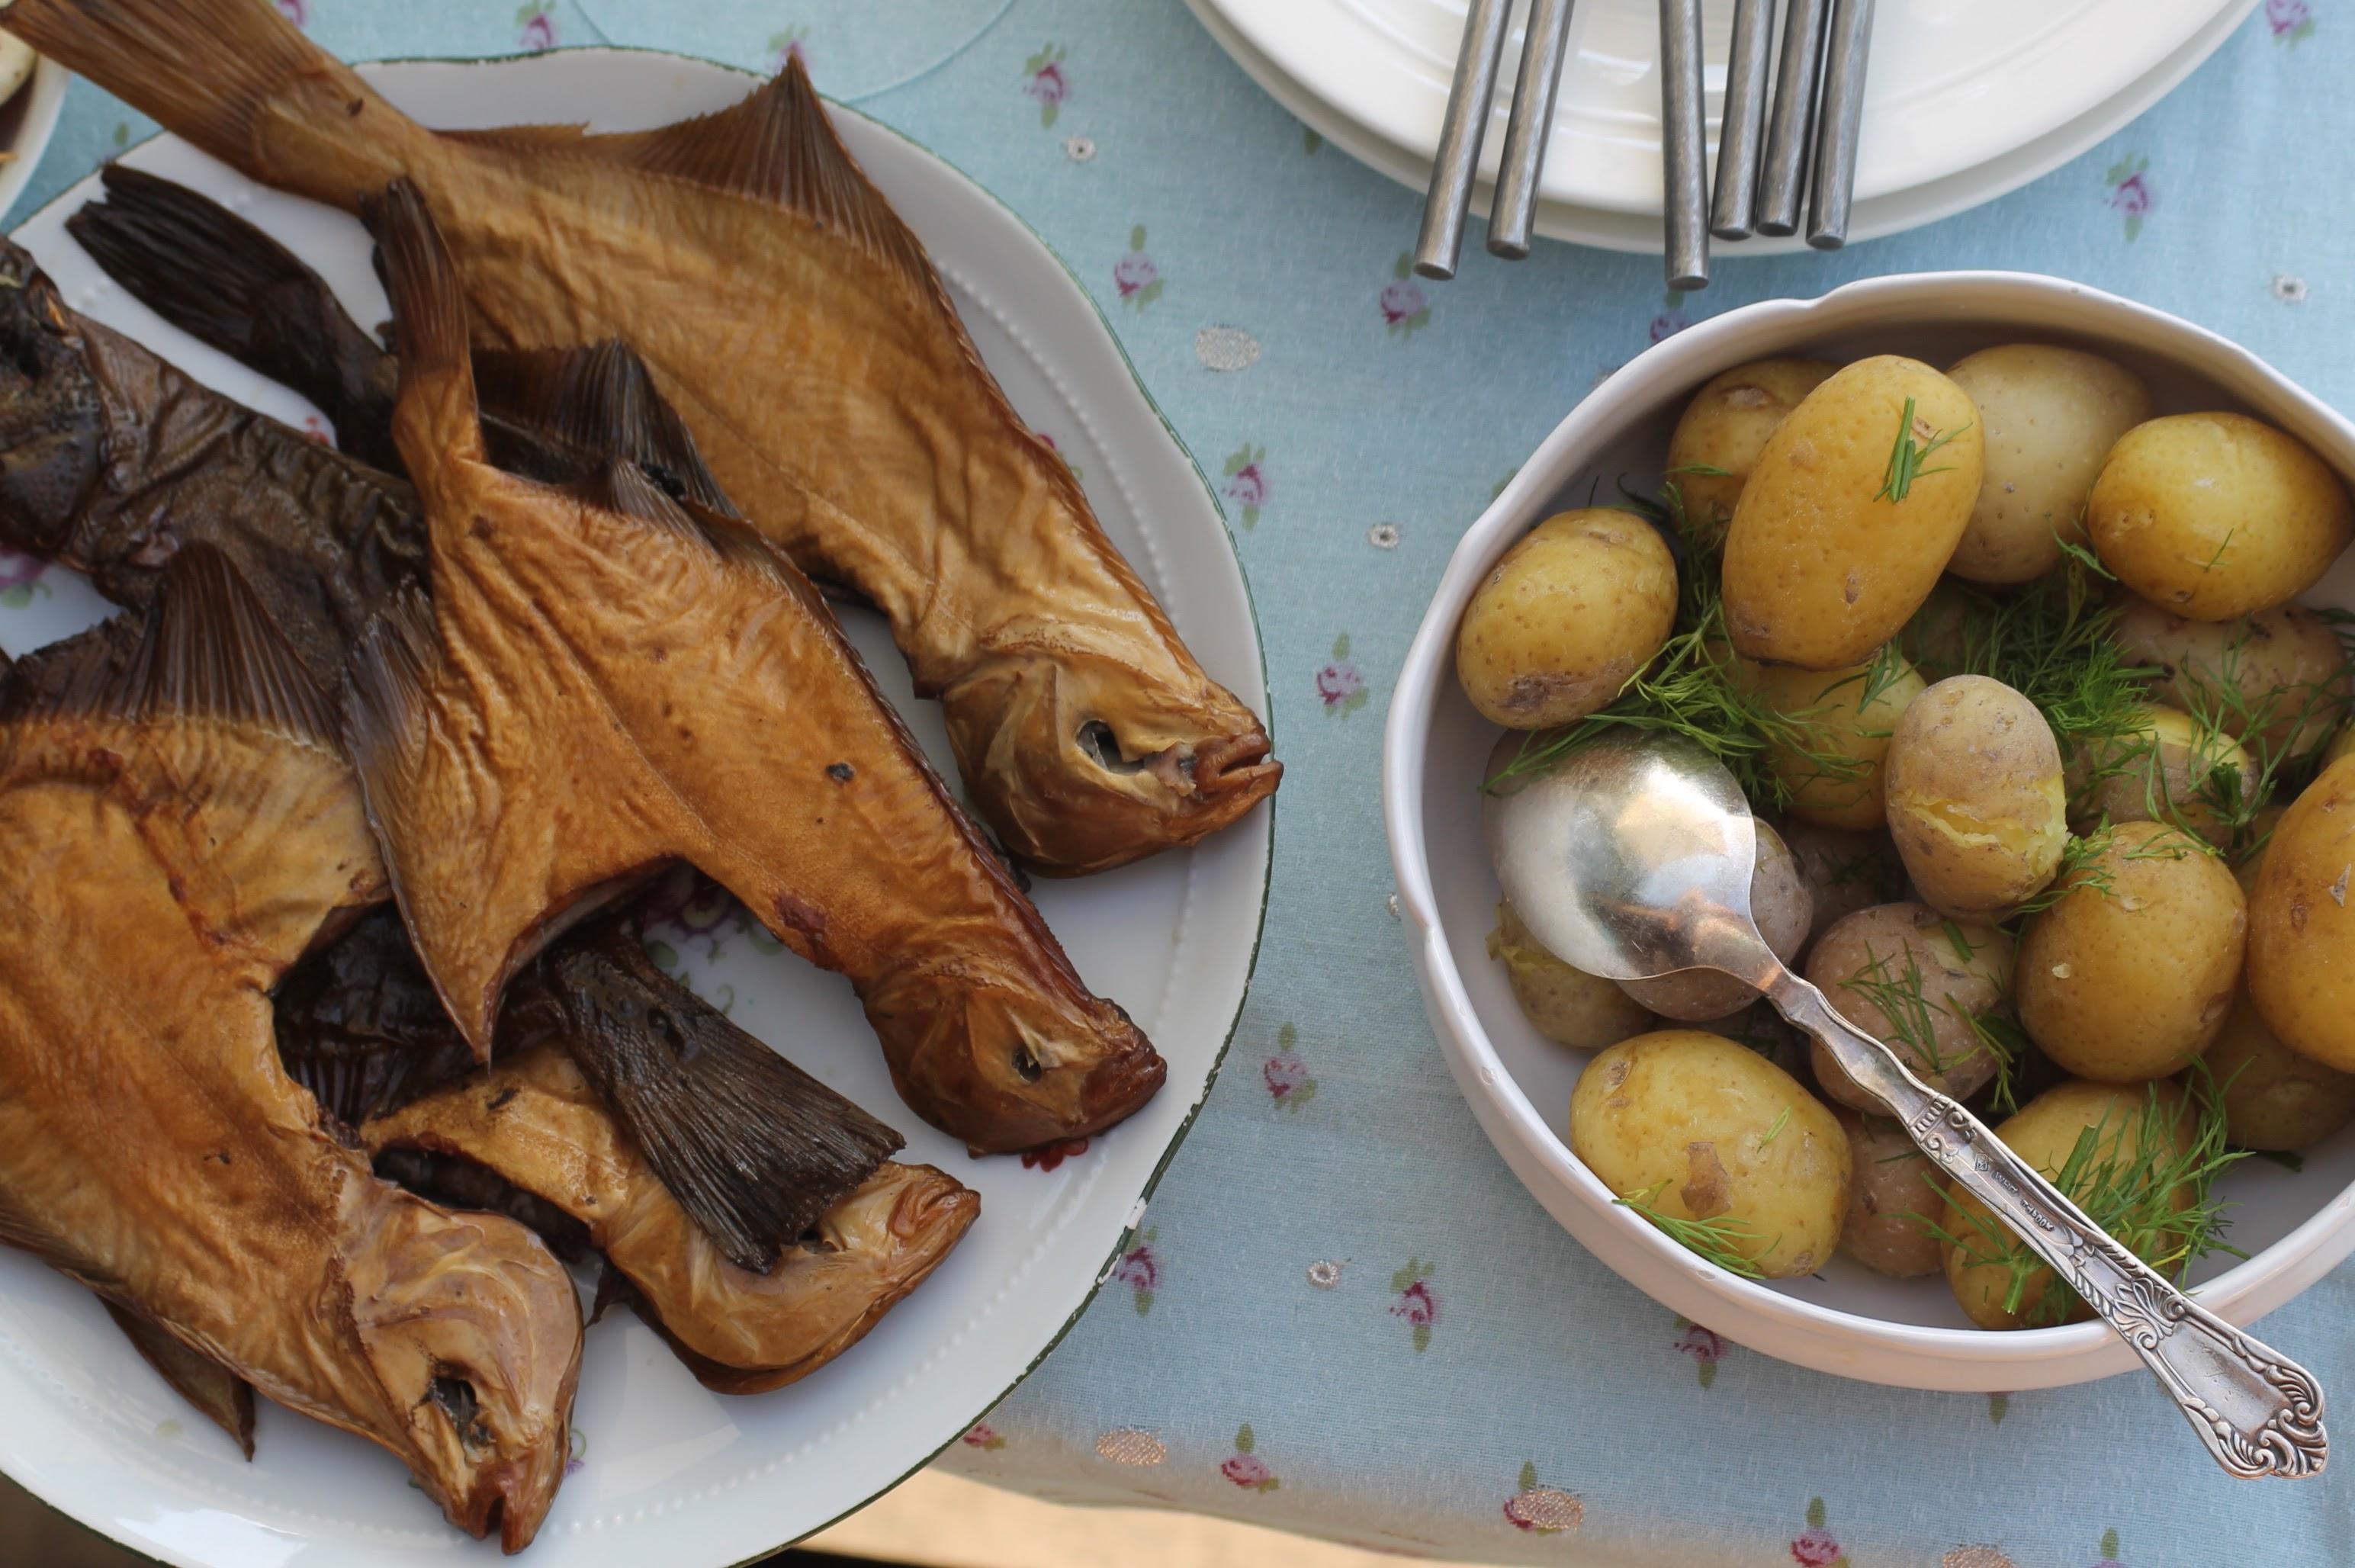 Koorega kartulid ja suitsukala on saarlaste toidulaual olnud aastasadu